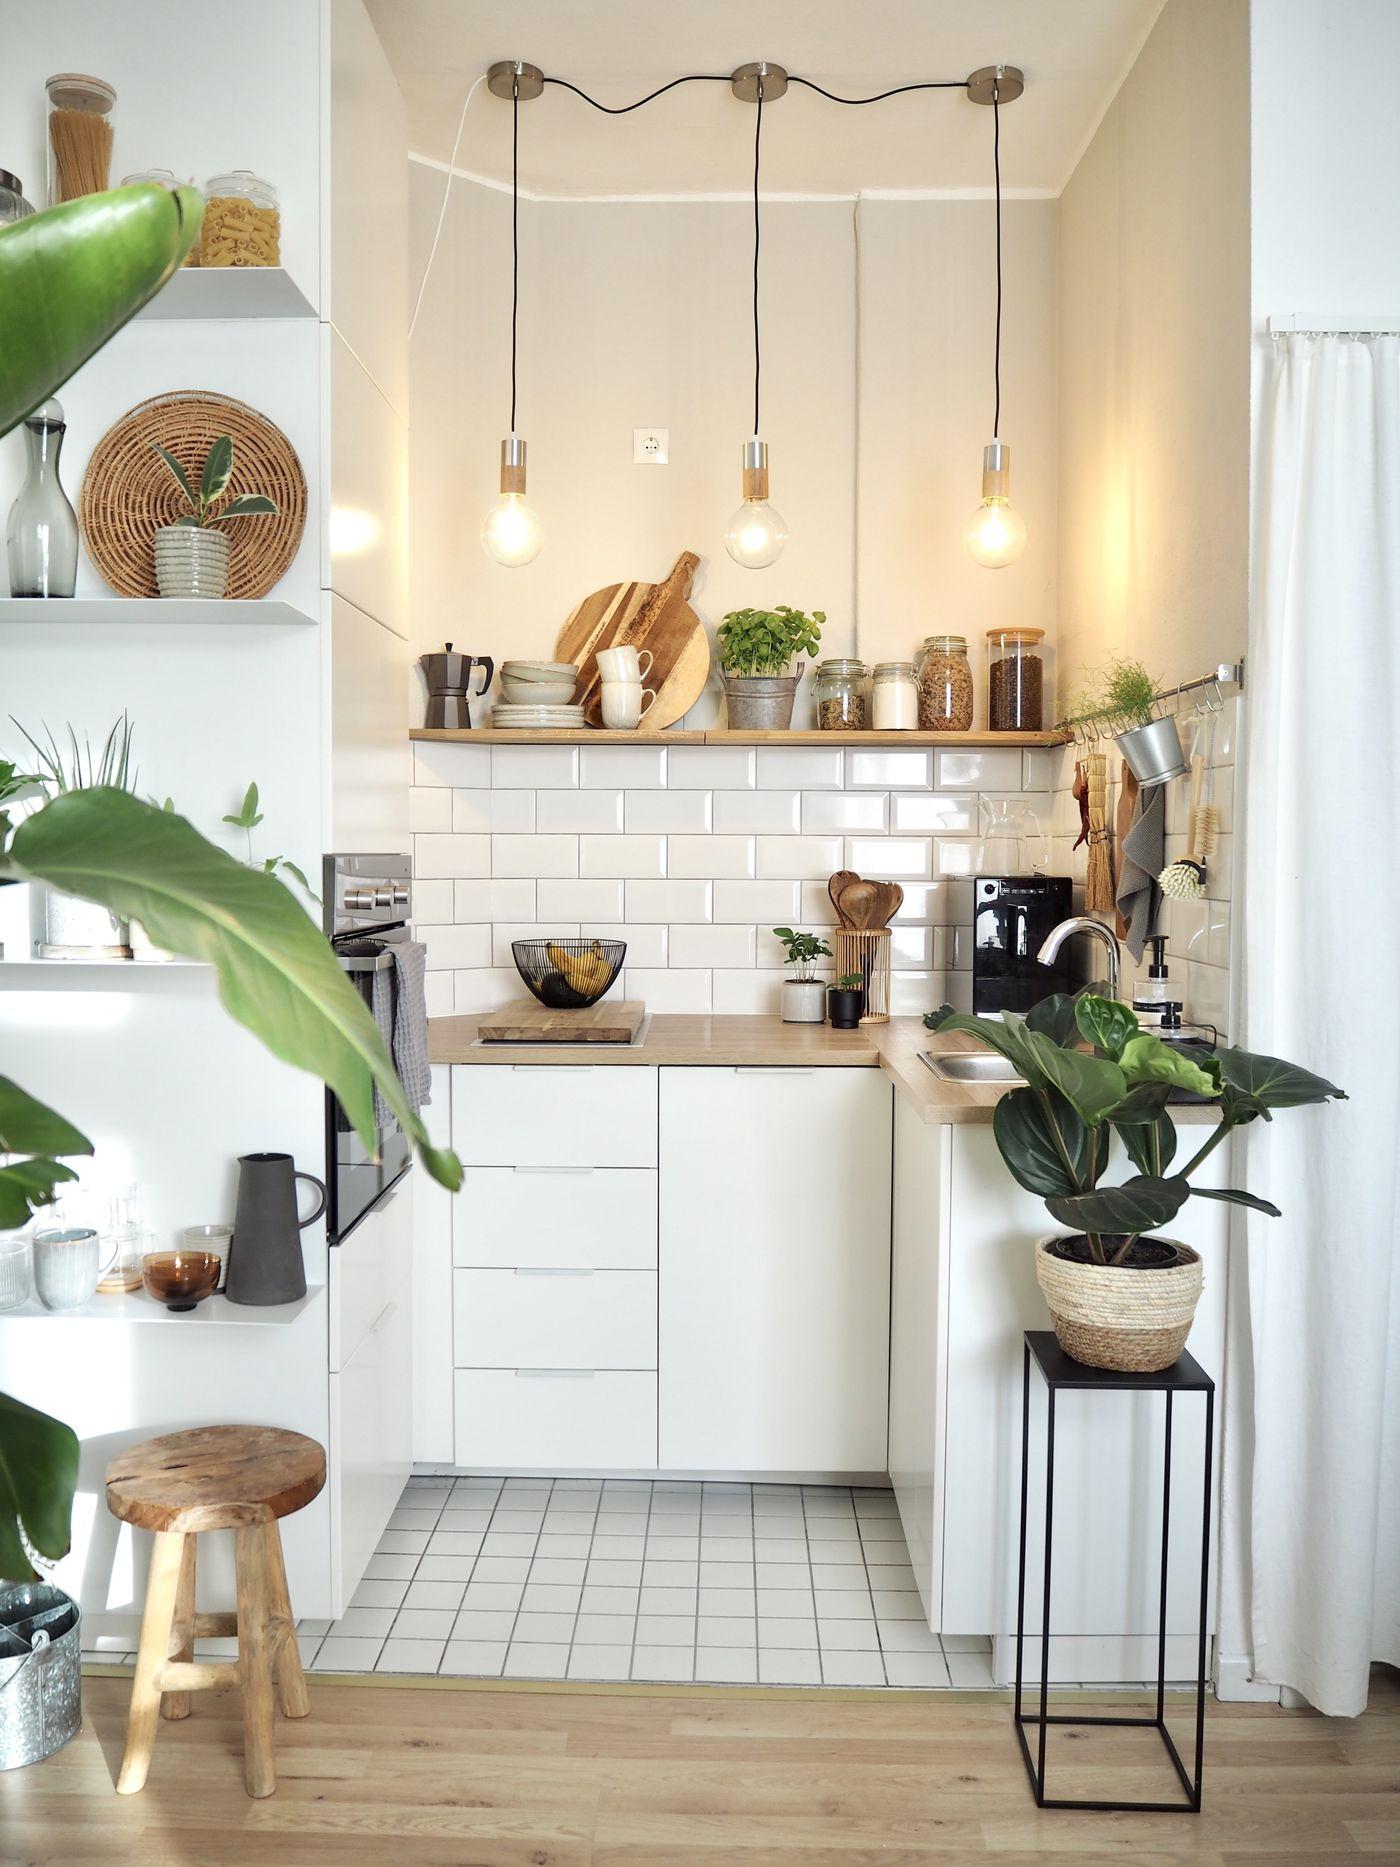 Full Size of Landhausküche Einrichten Kleine Kchen Singlekchen Moderne Weiß Grau Weisse Küche Badezimmer Gebraucht Wohnzimmer Landhausküche Einrichten